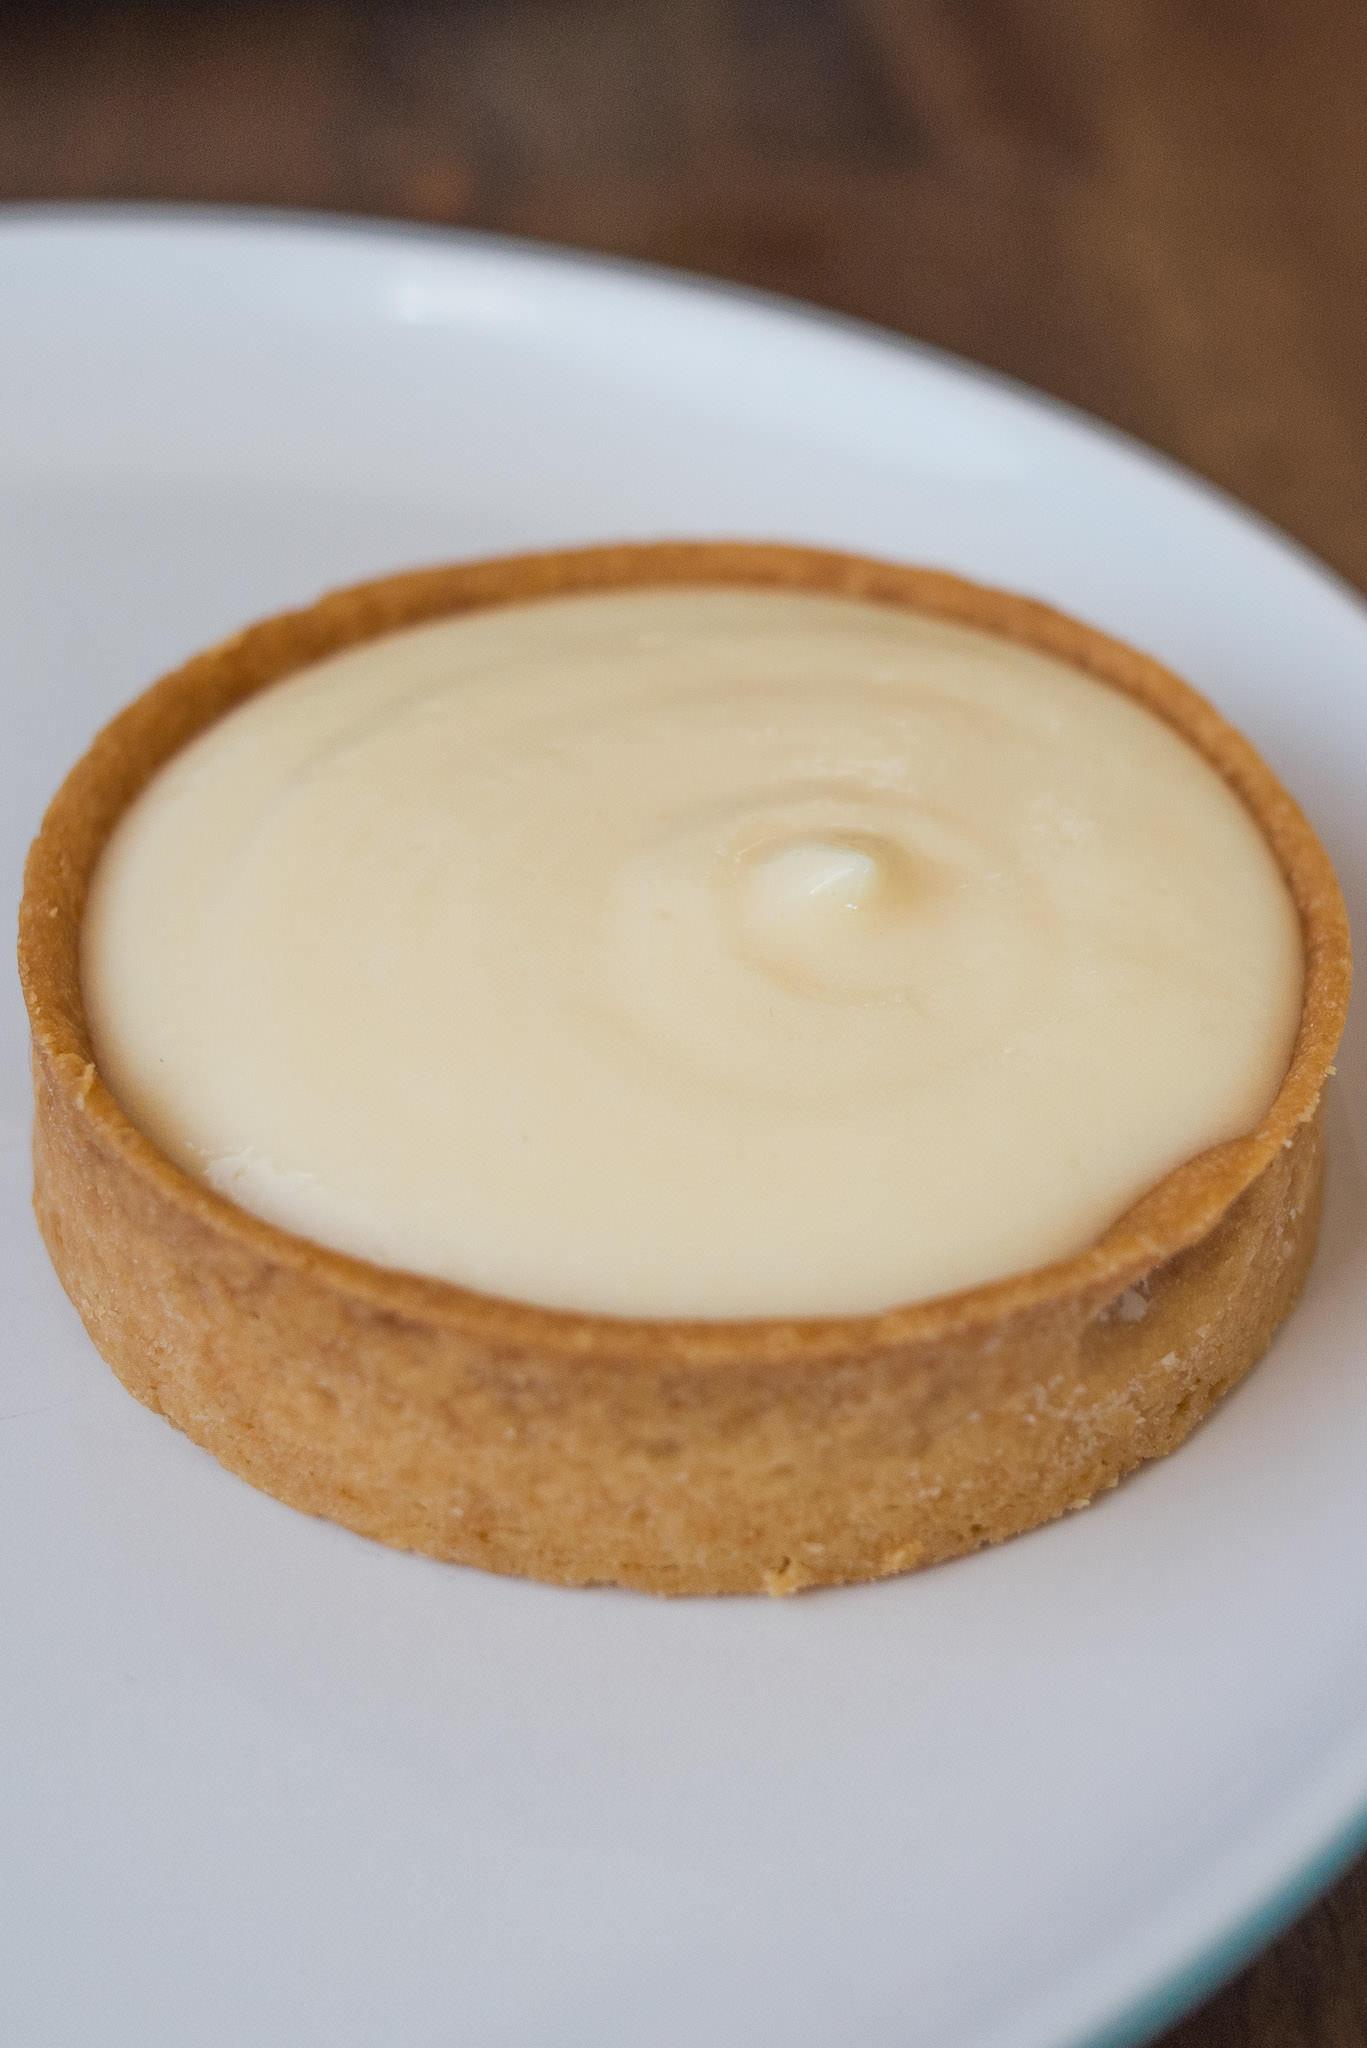 Lemon curd tart (AU$4.50)